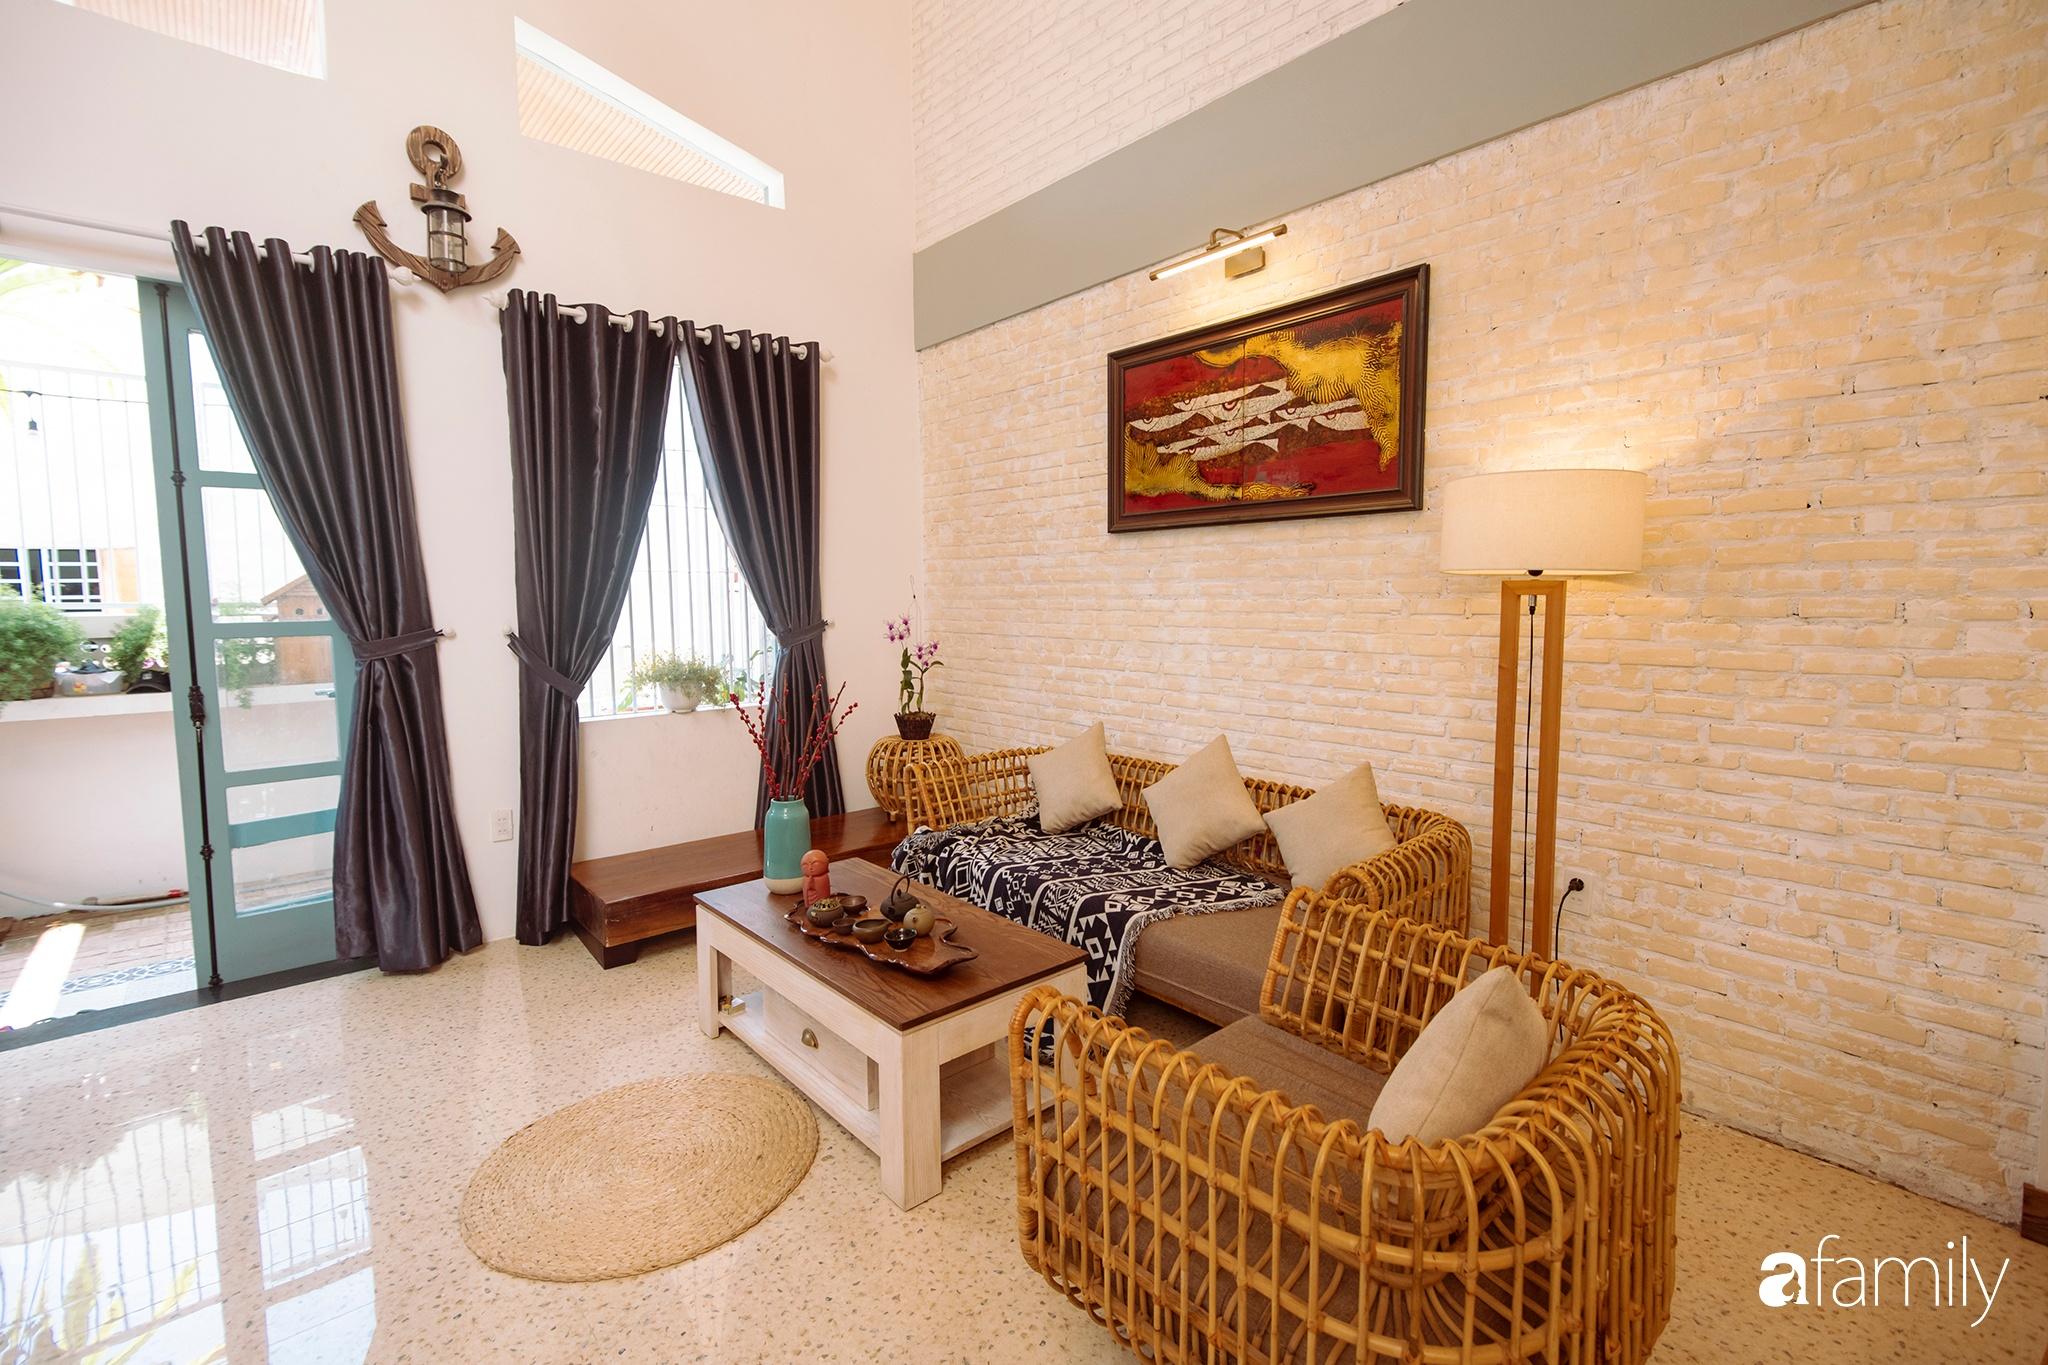 Ngôi nhà 80m² được xây dựng từ những ký ức tuổi thơ yên bình ở thành phố biển Đà Nẵng - Ảnh 6.